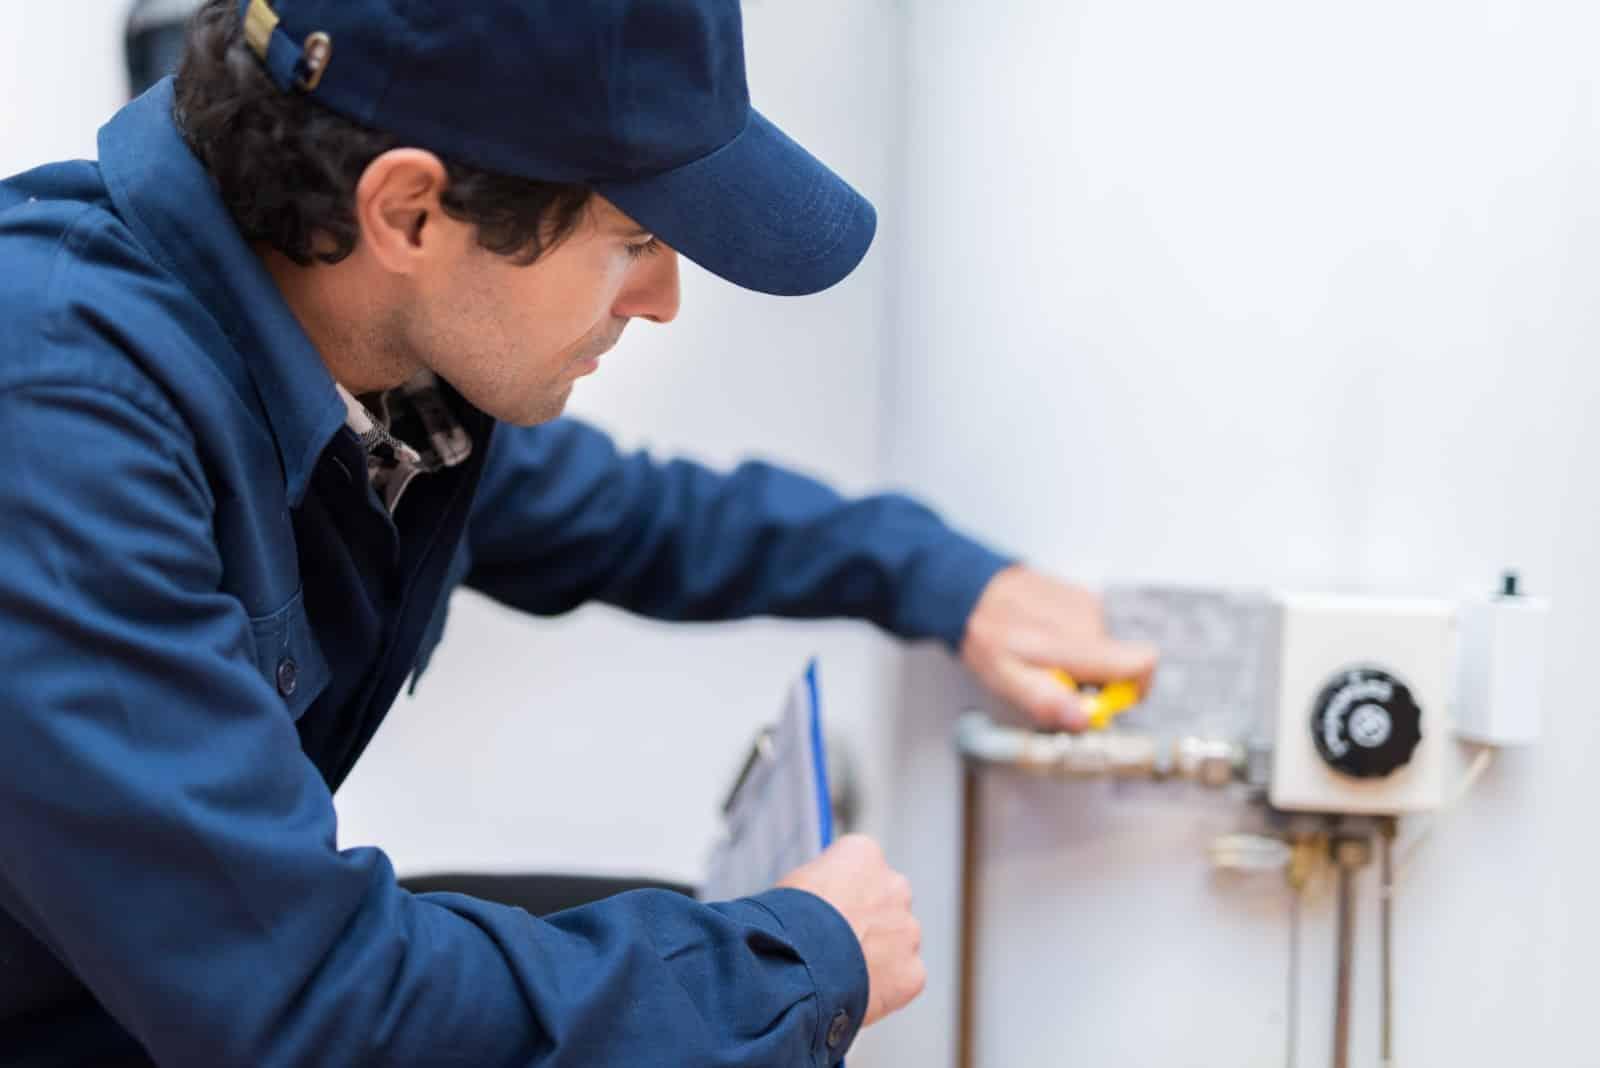 a plumber repairing a water heater